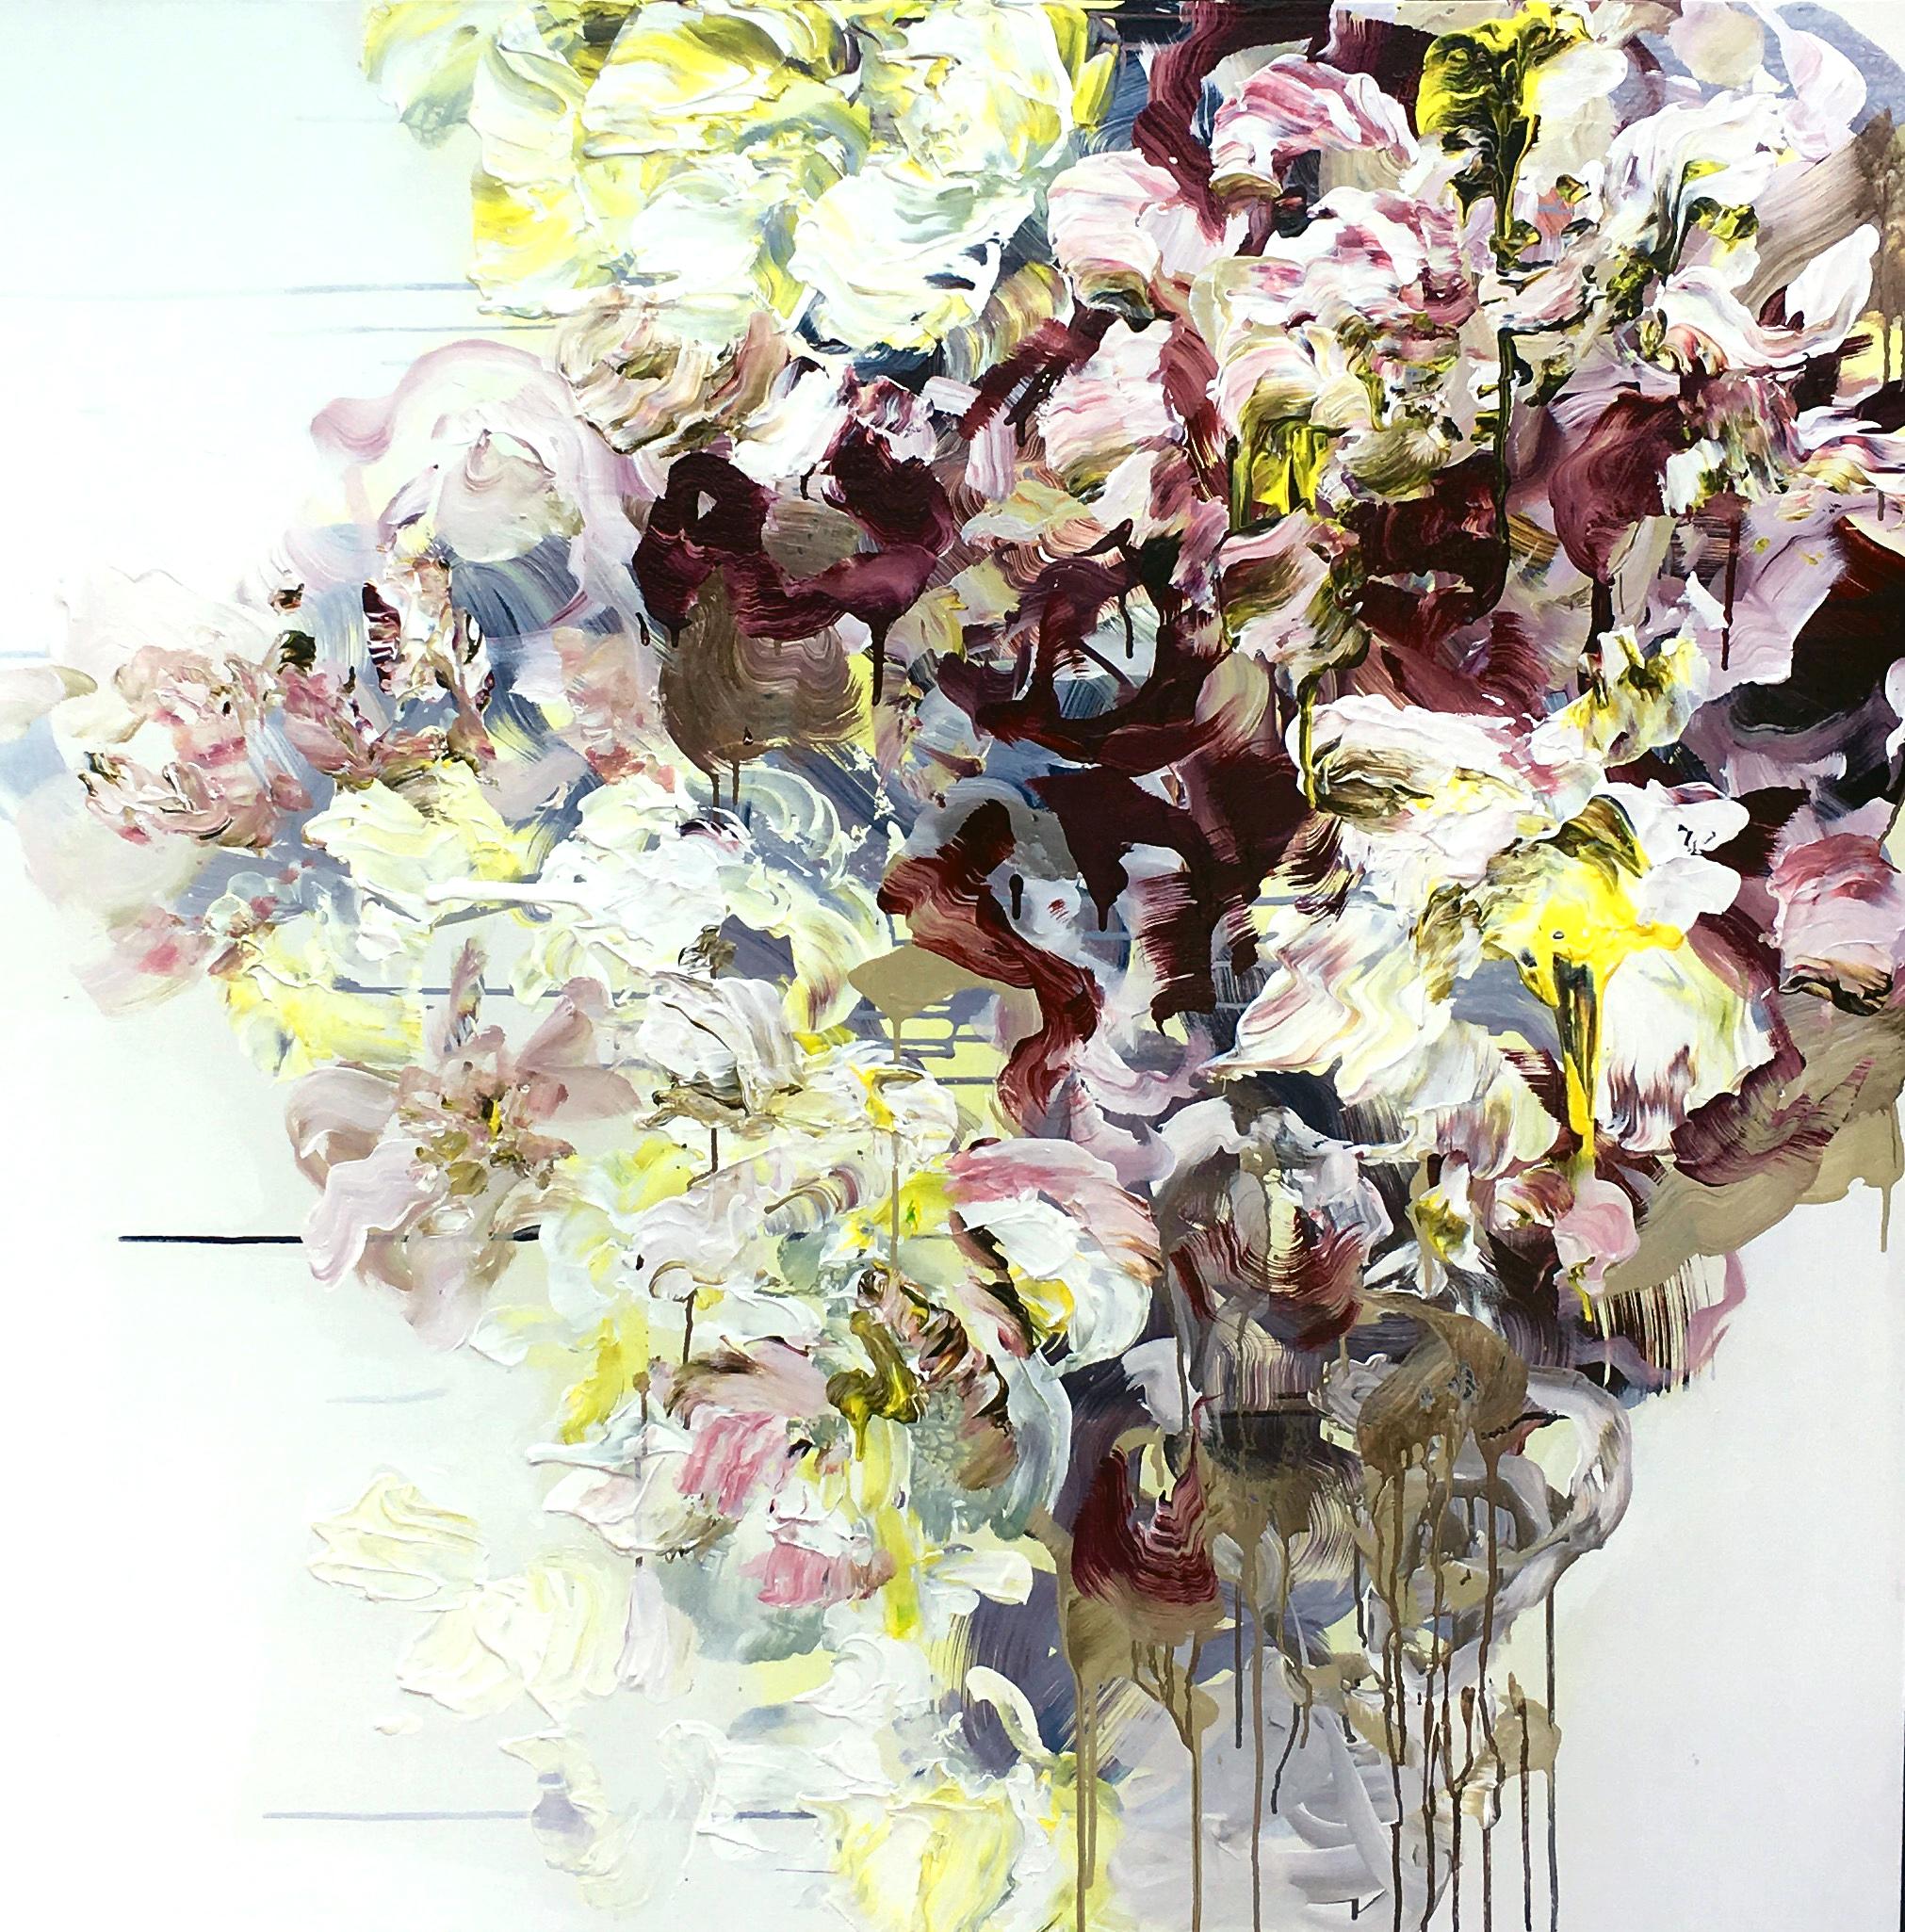 In Full Bloom #3 by Elena Henderson